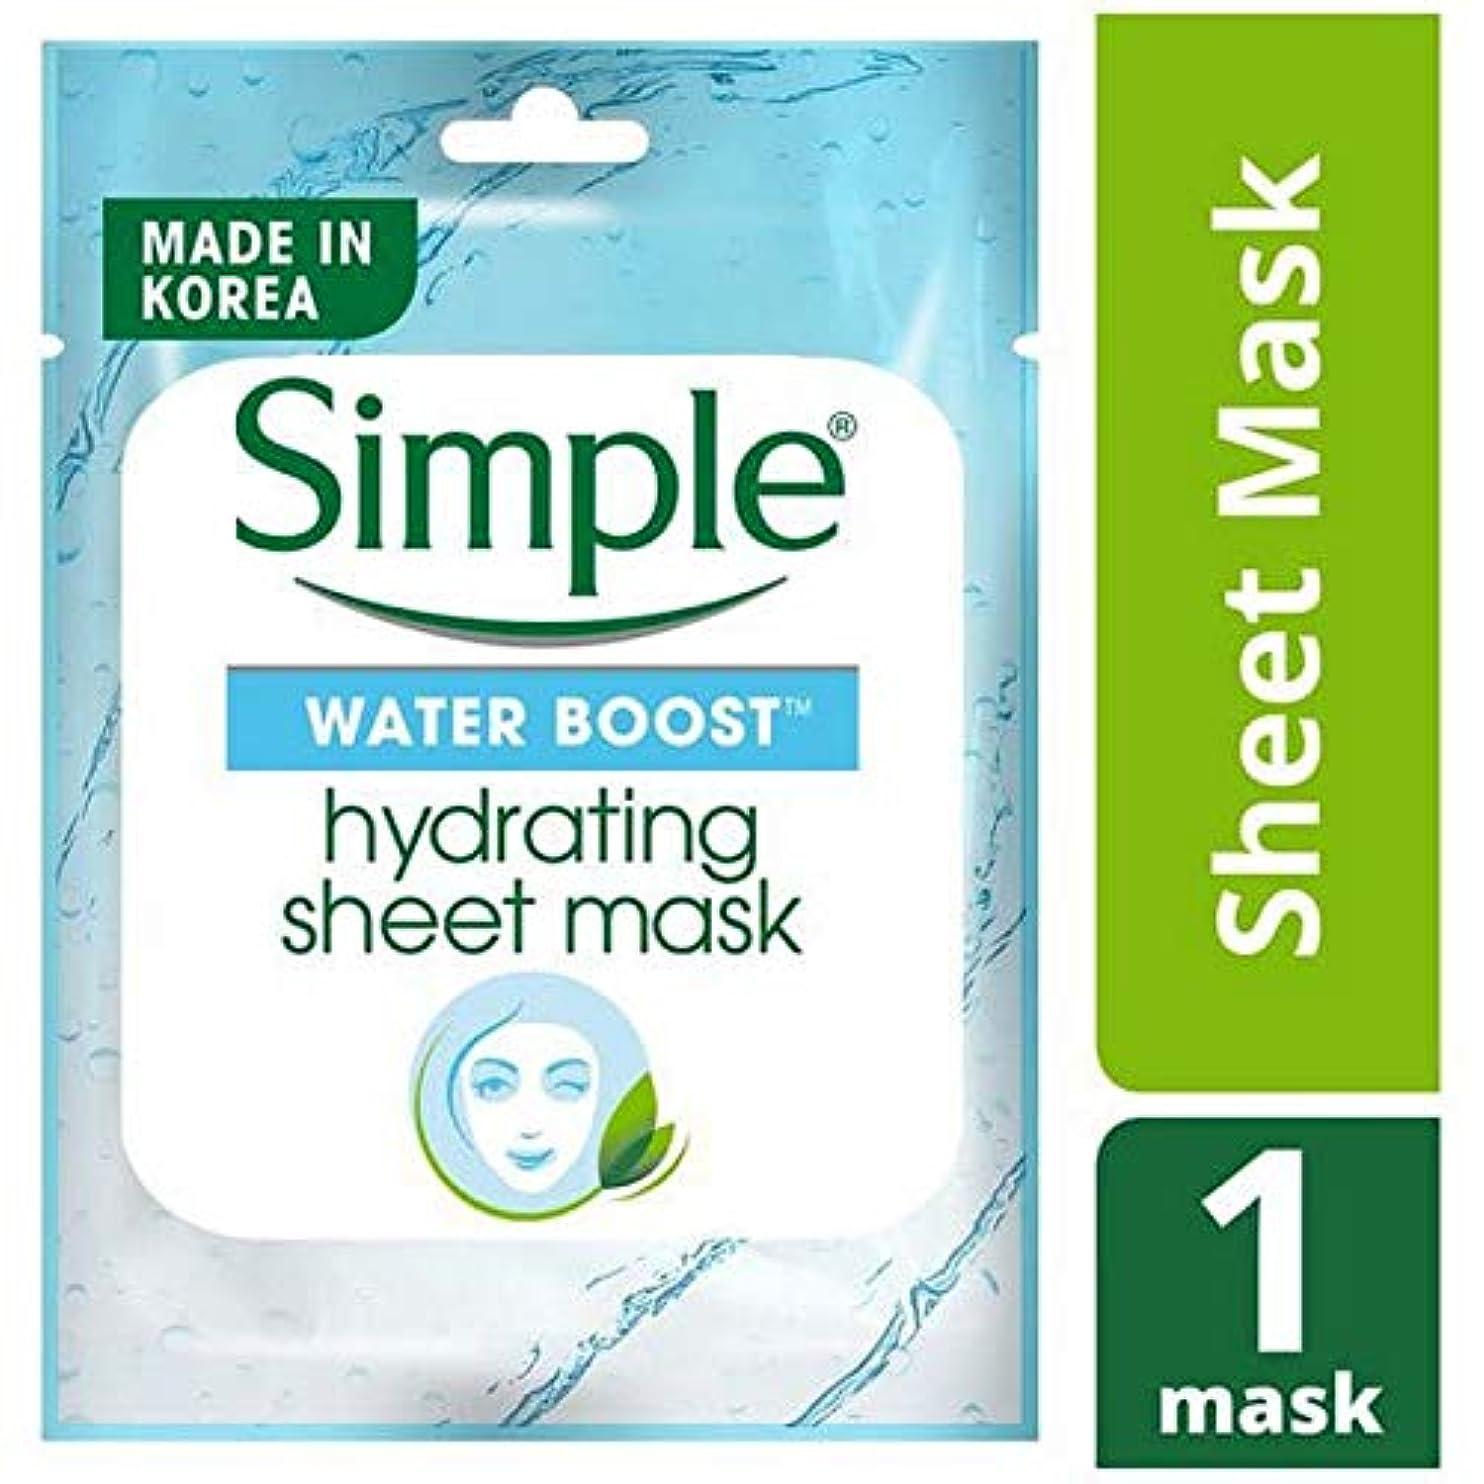 アボート二週間自動化[Simple] シンプルな水ブーストシートマスク - Simple Water Boost Sheet Mask [並行輸入品]